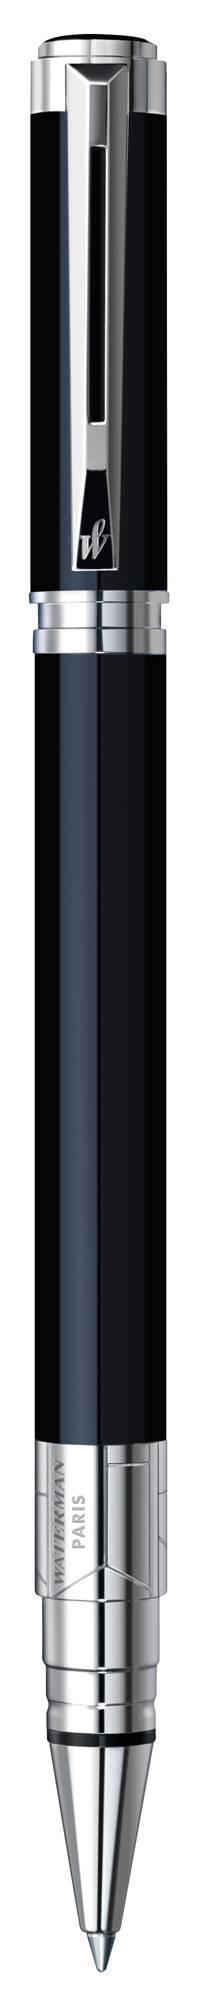 Ручка роллер Waterman Perspective Black CT (S0830720) - фото 2